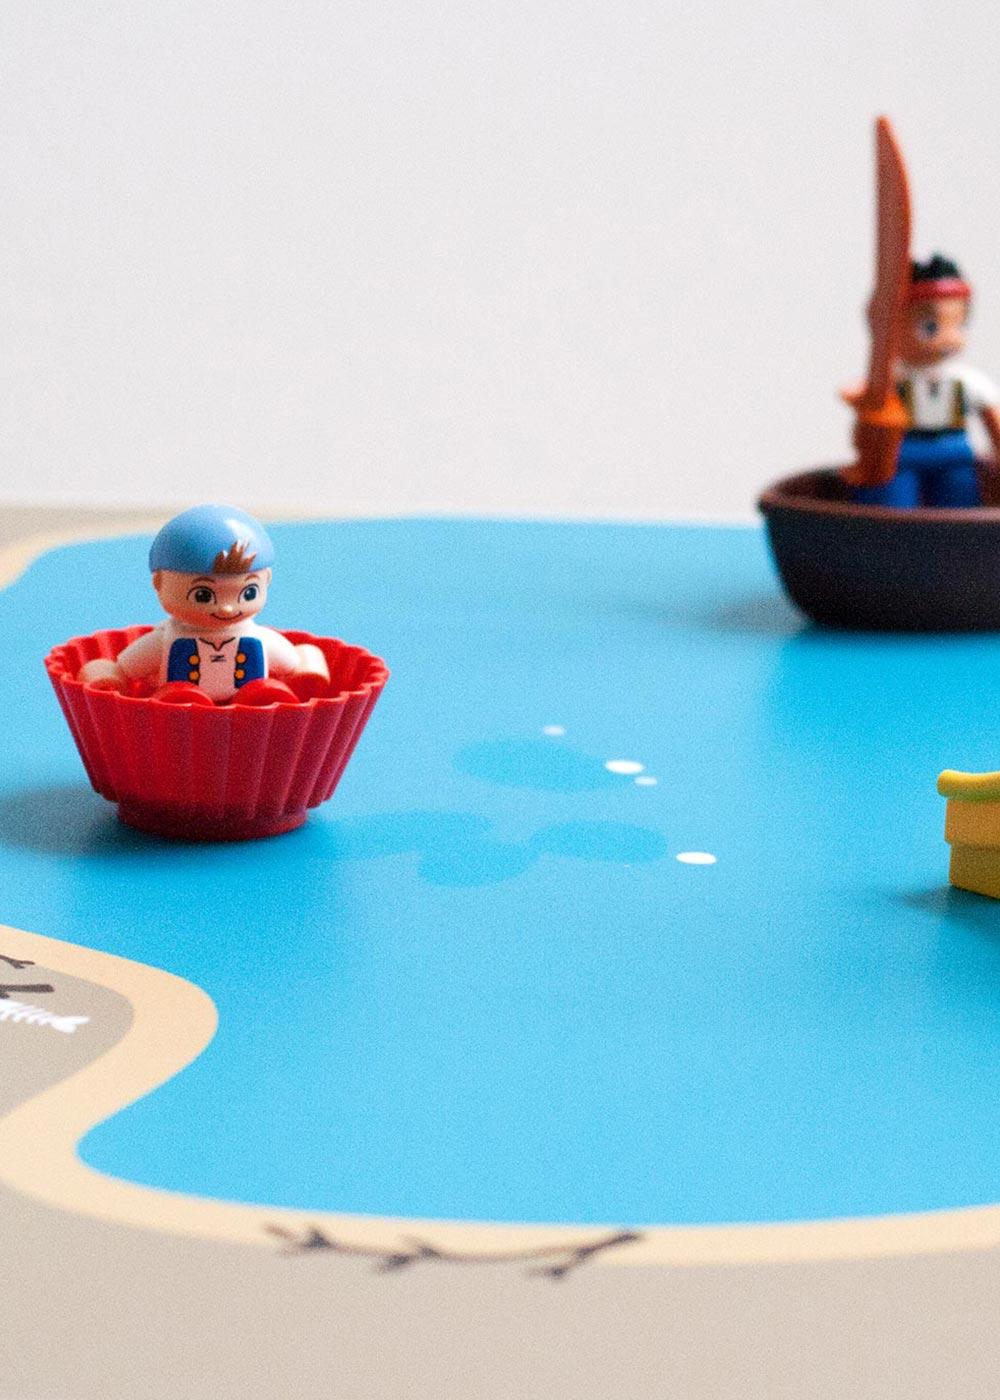 Ikea Kritter Kindertisch Wasserreich Teilansicht Boot